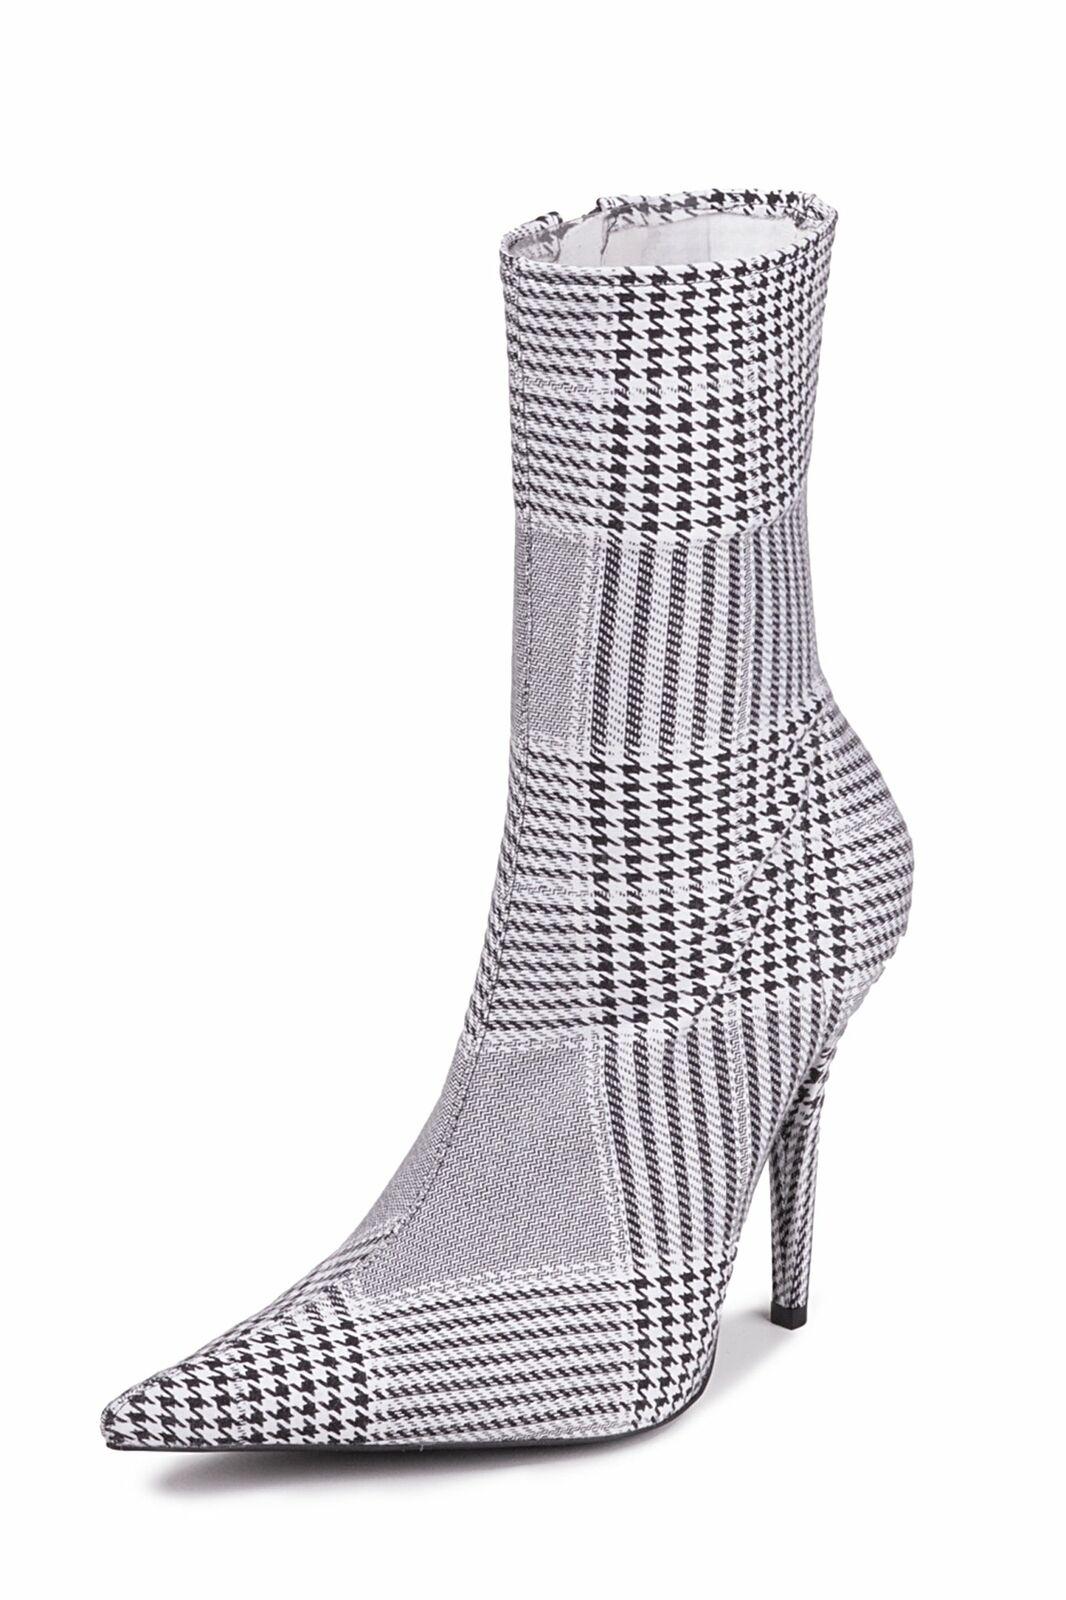 Jeffrey Campbell Vedette-2 Stiefel Schwarz Weiß Tweed Spitz Zulaufend Kleid (8.5